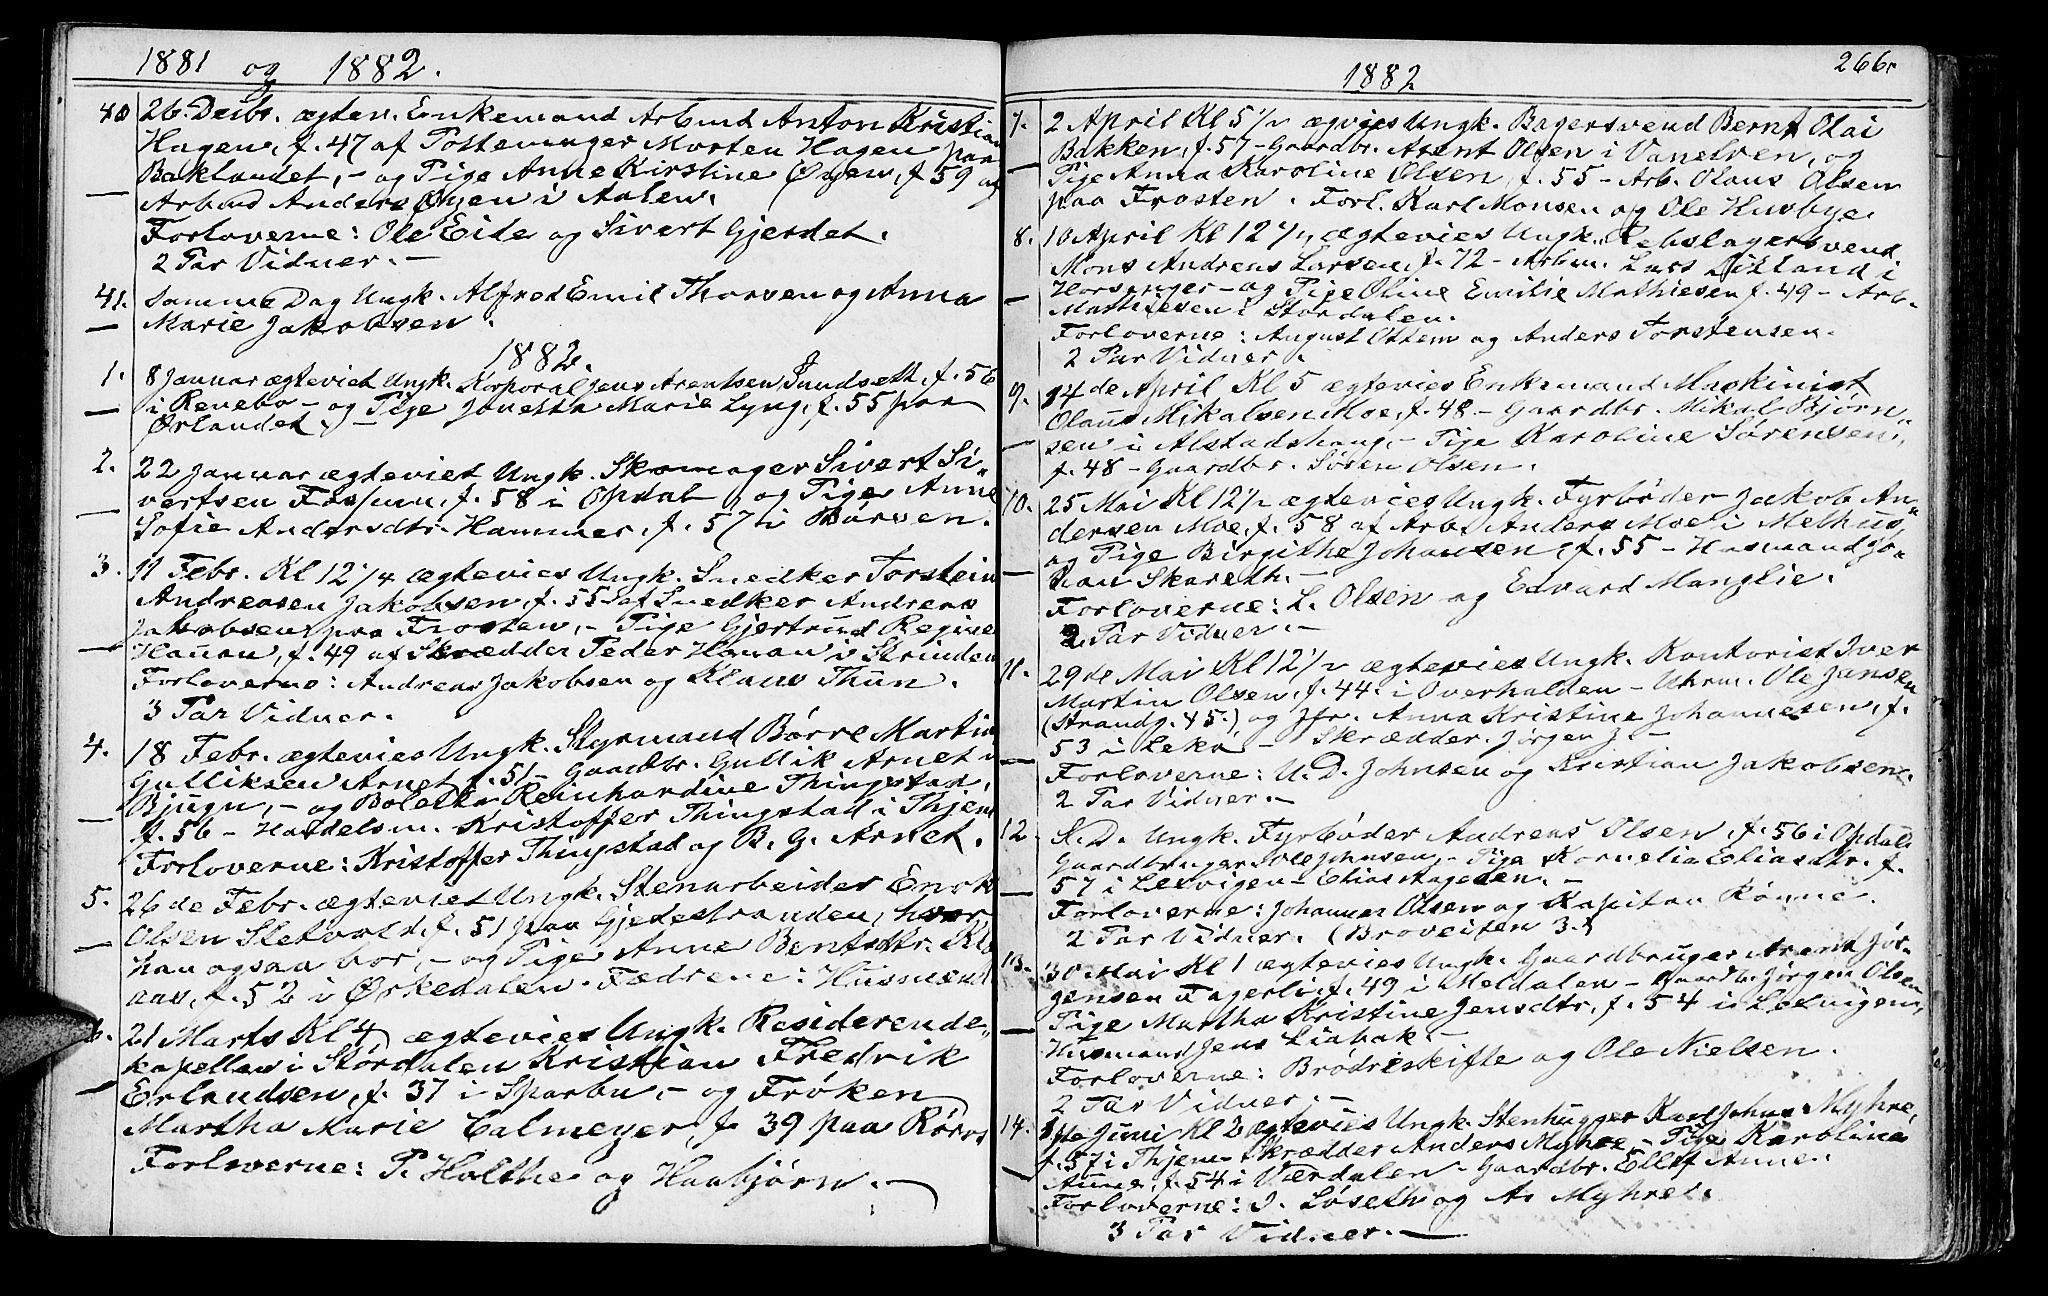 SAT, Ministerialprotokoller, klokkerbøker og fødselsregistre - Sør-Trøndelag, 602/L0142: Klokkerbok nr. 602C10, 1872-1894, s. 266